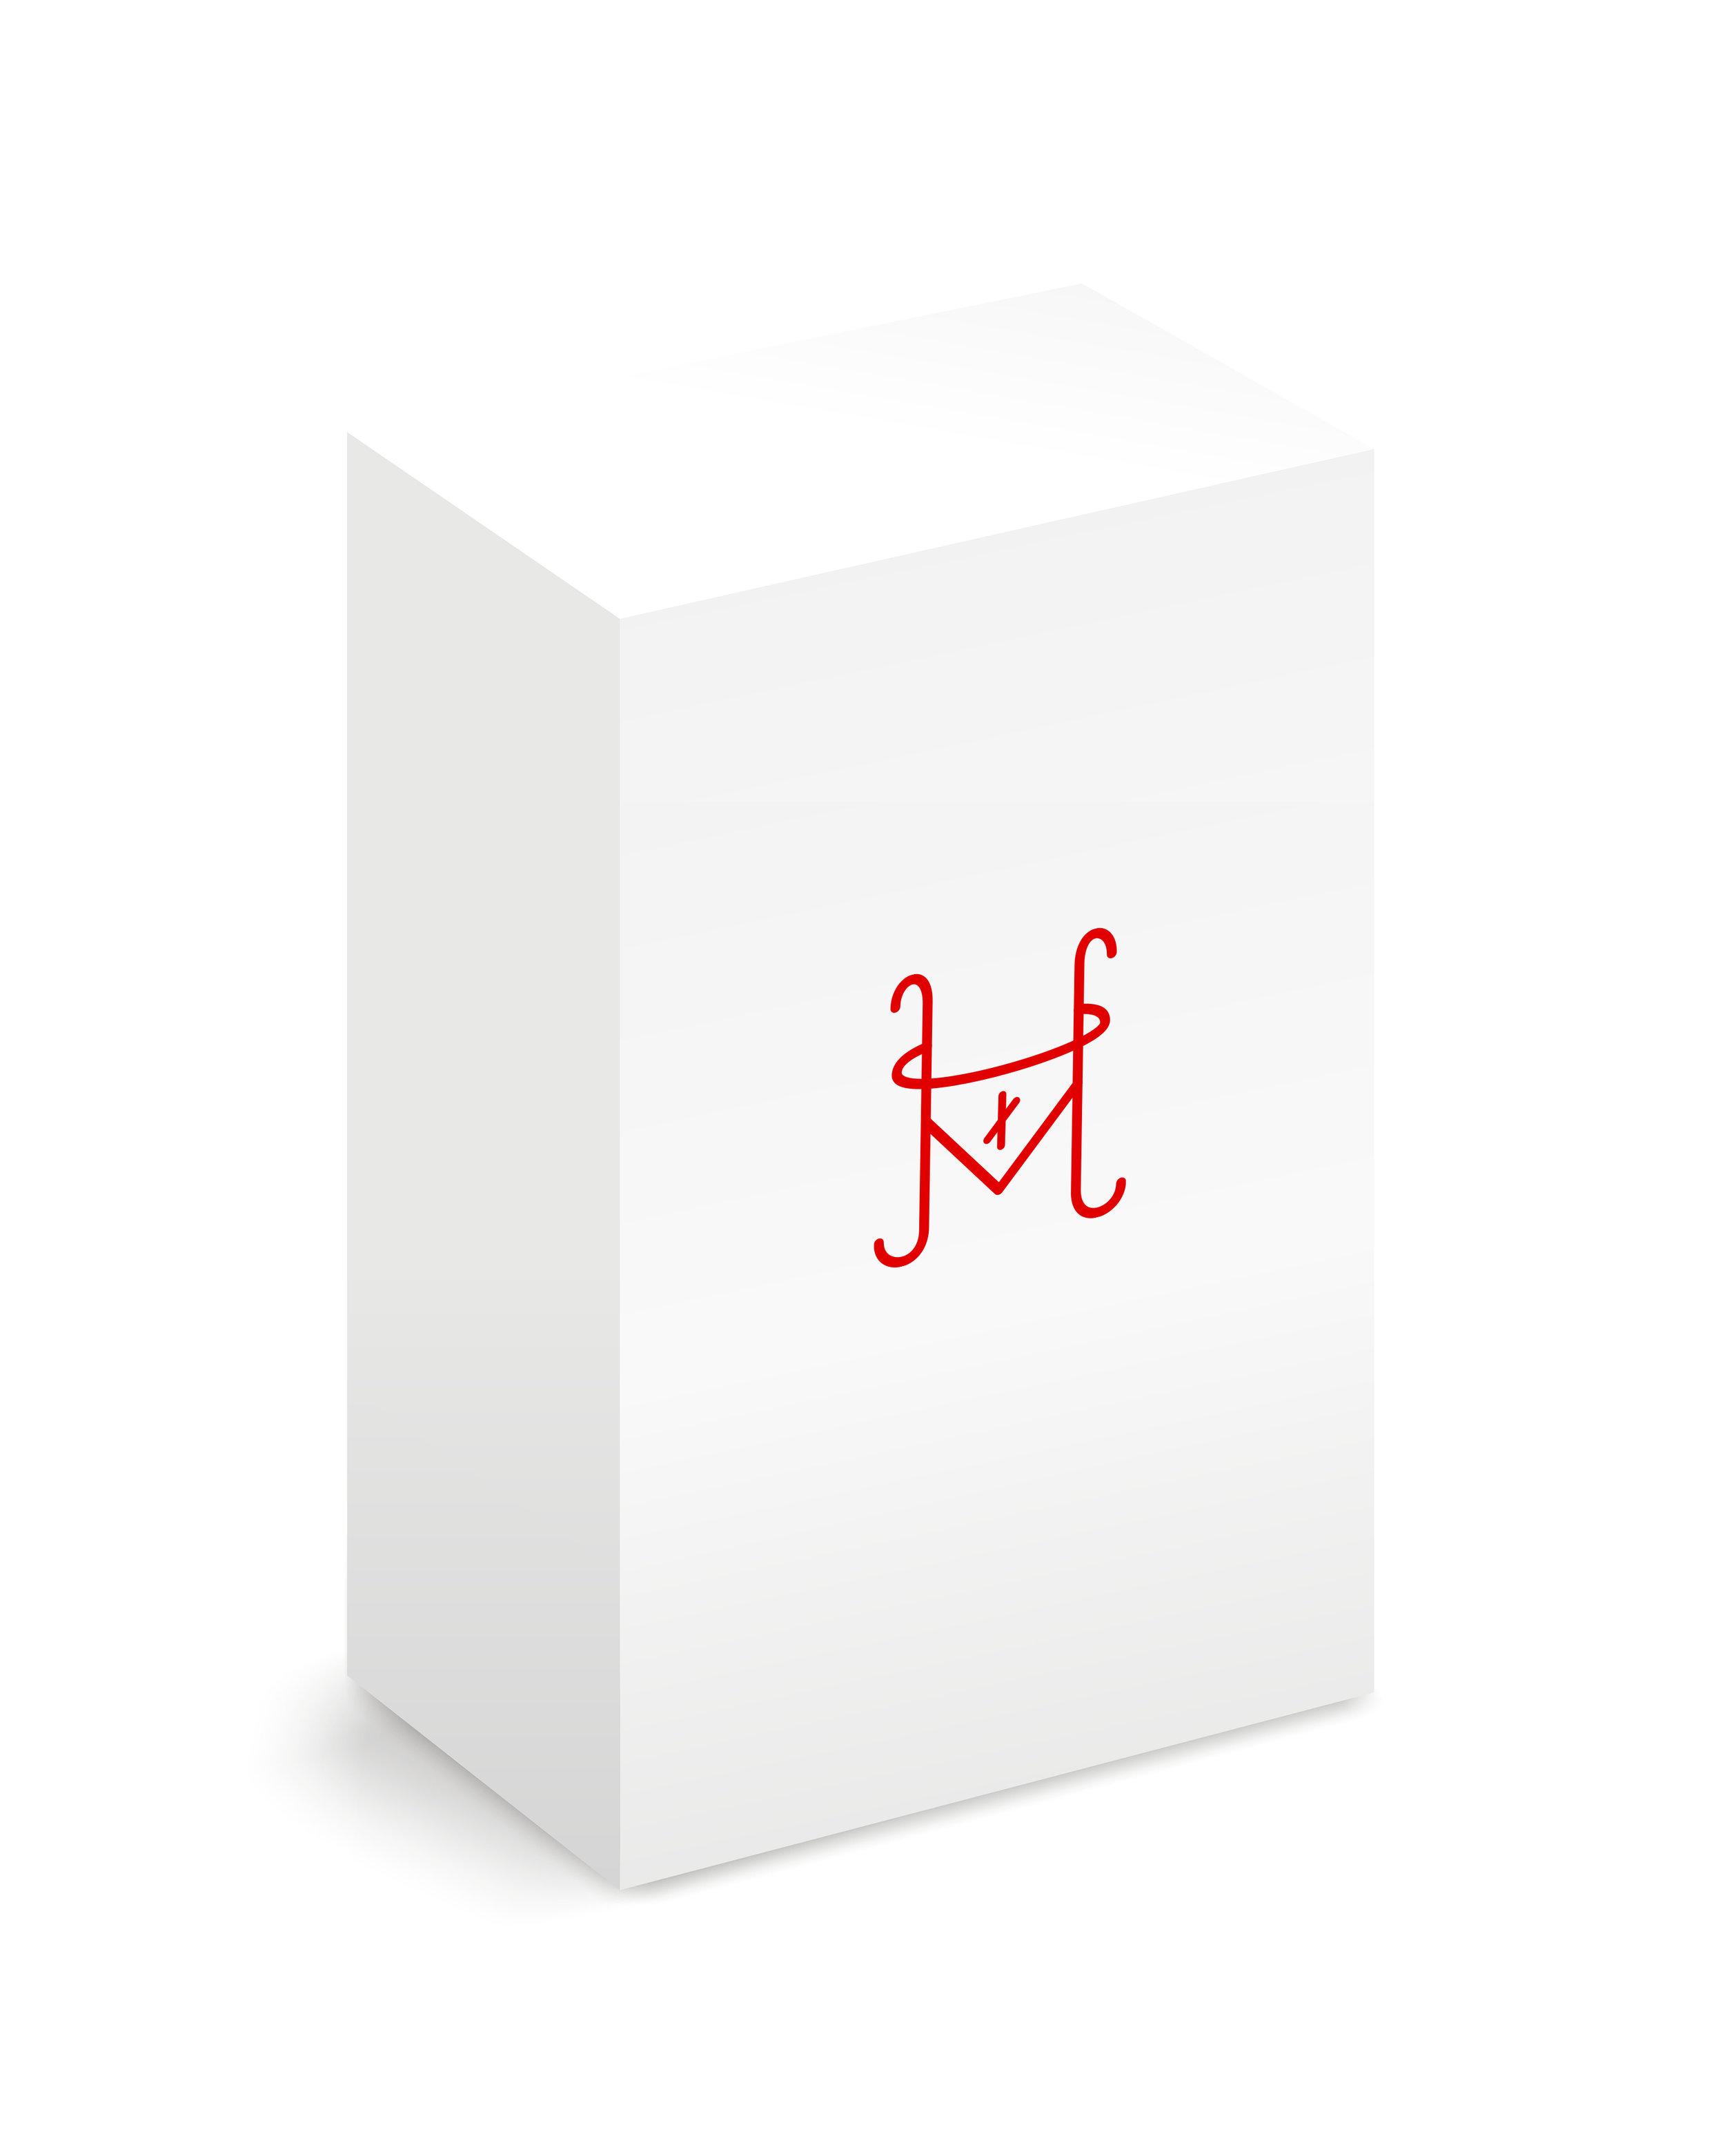 HandBox_02_RED-closed.jpg